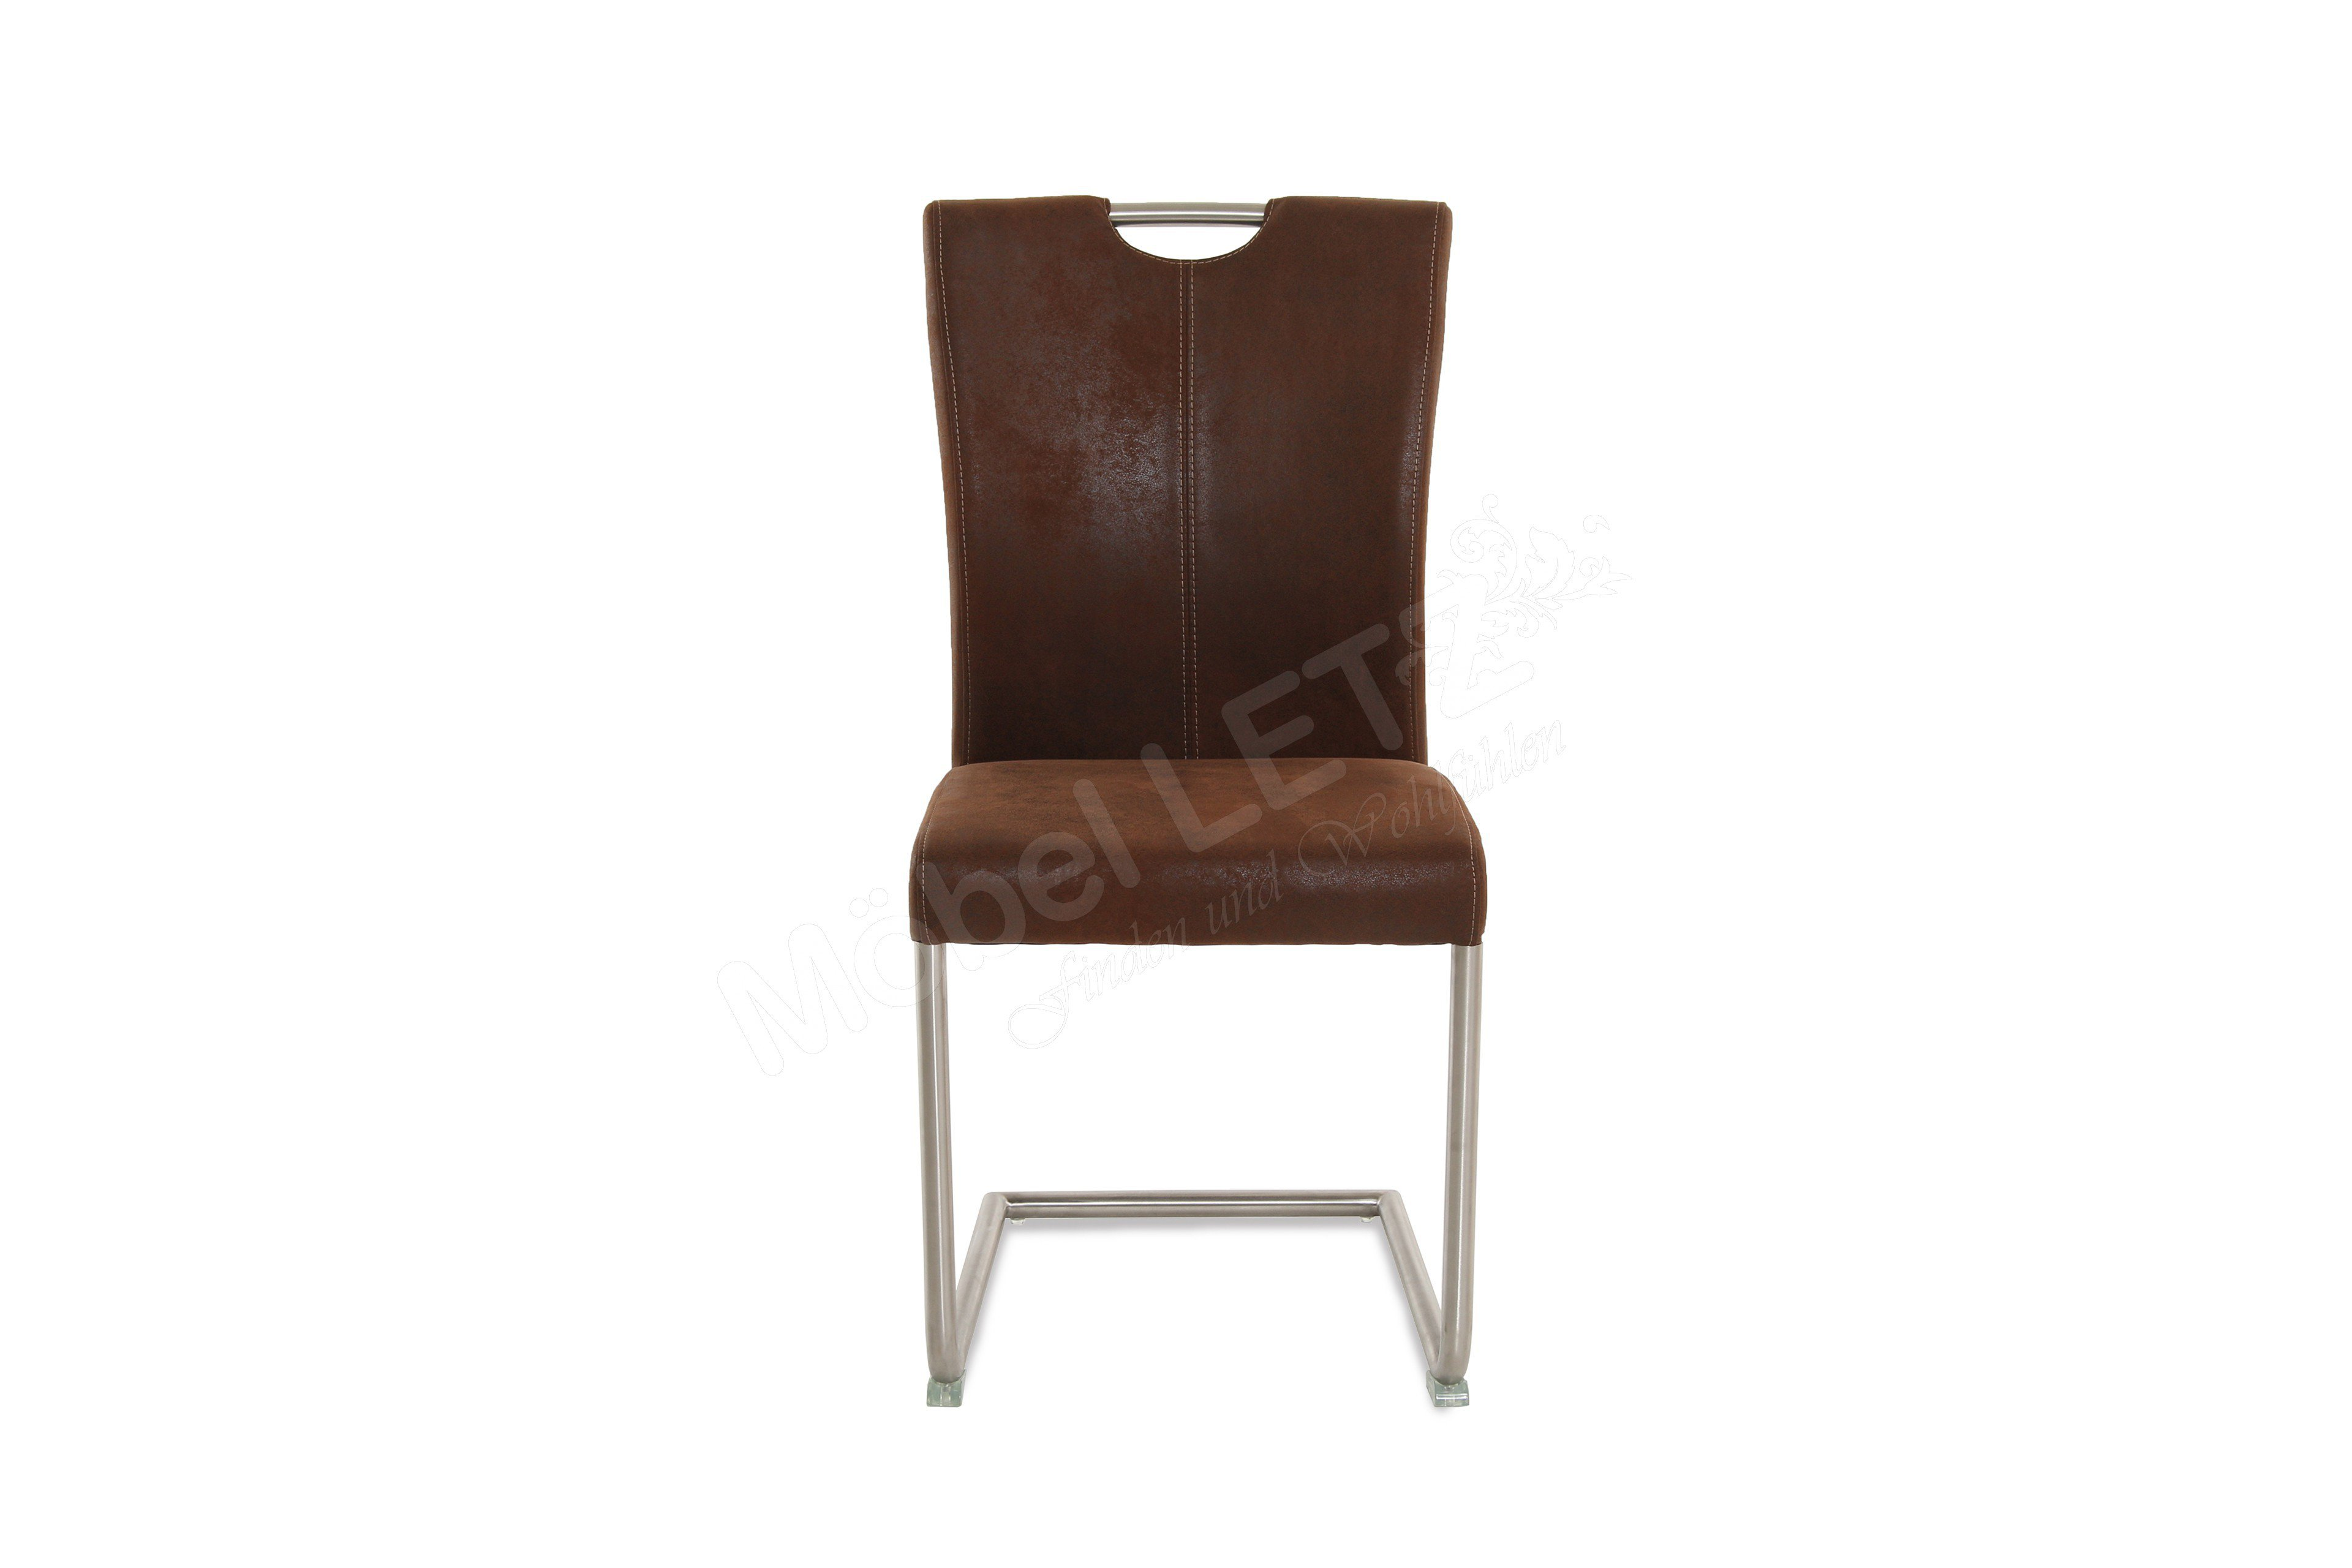 wohn gl ck lich stuhl larah 5070 braun m bel letz ihr. Black Bedroom Furniture Sets. Home Design Ideas